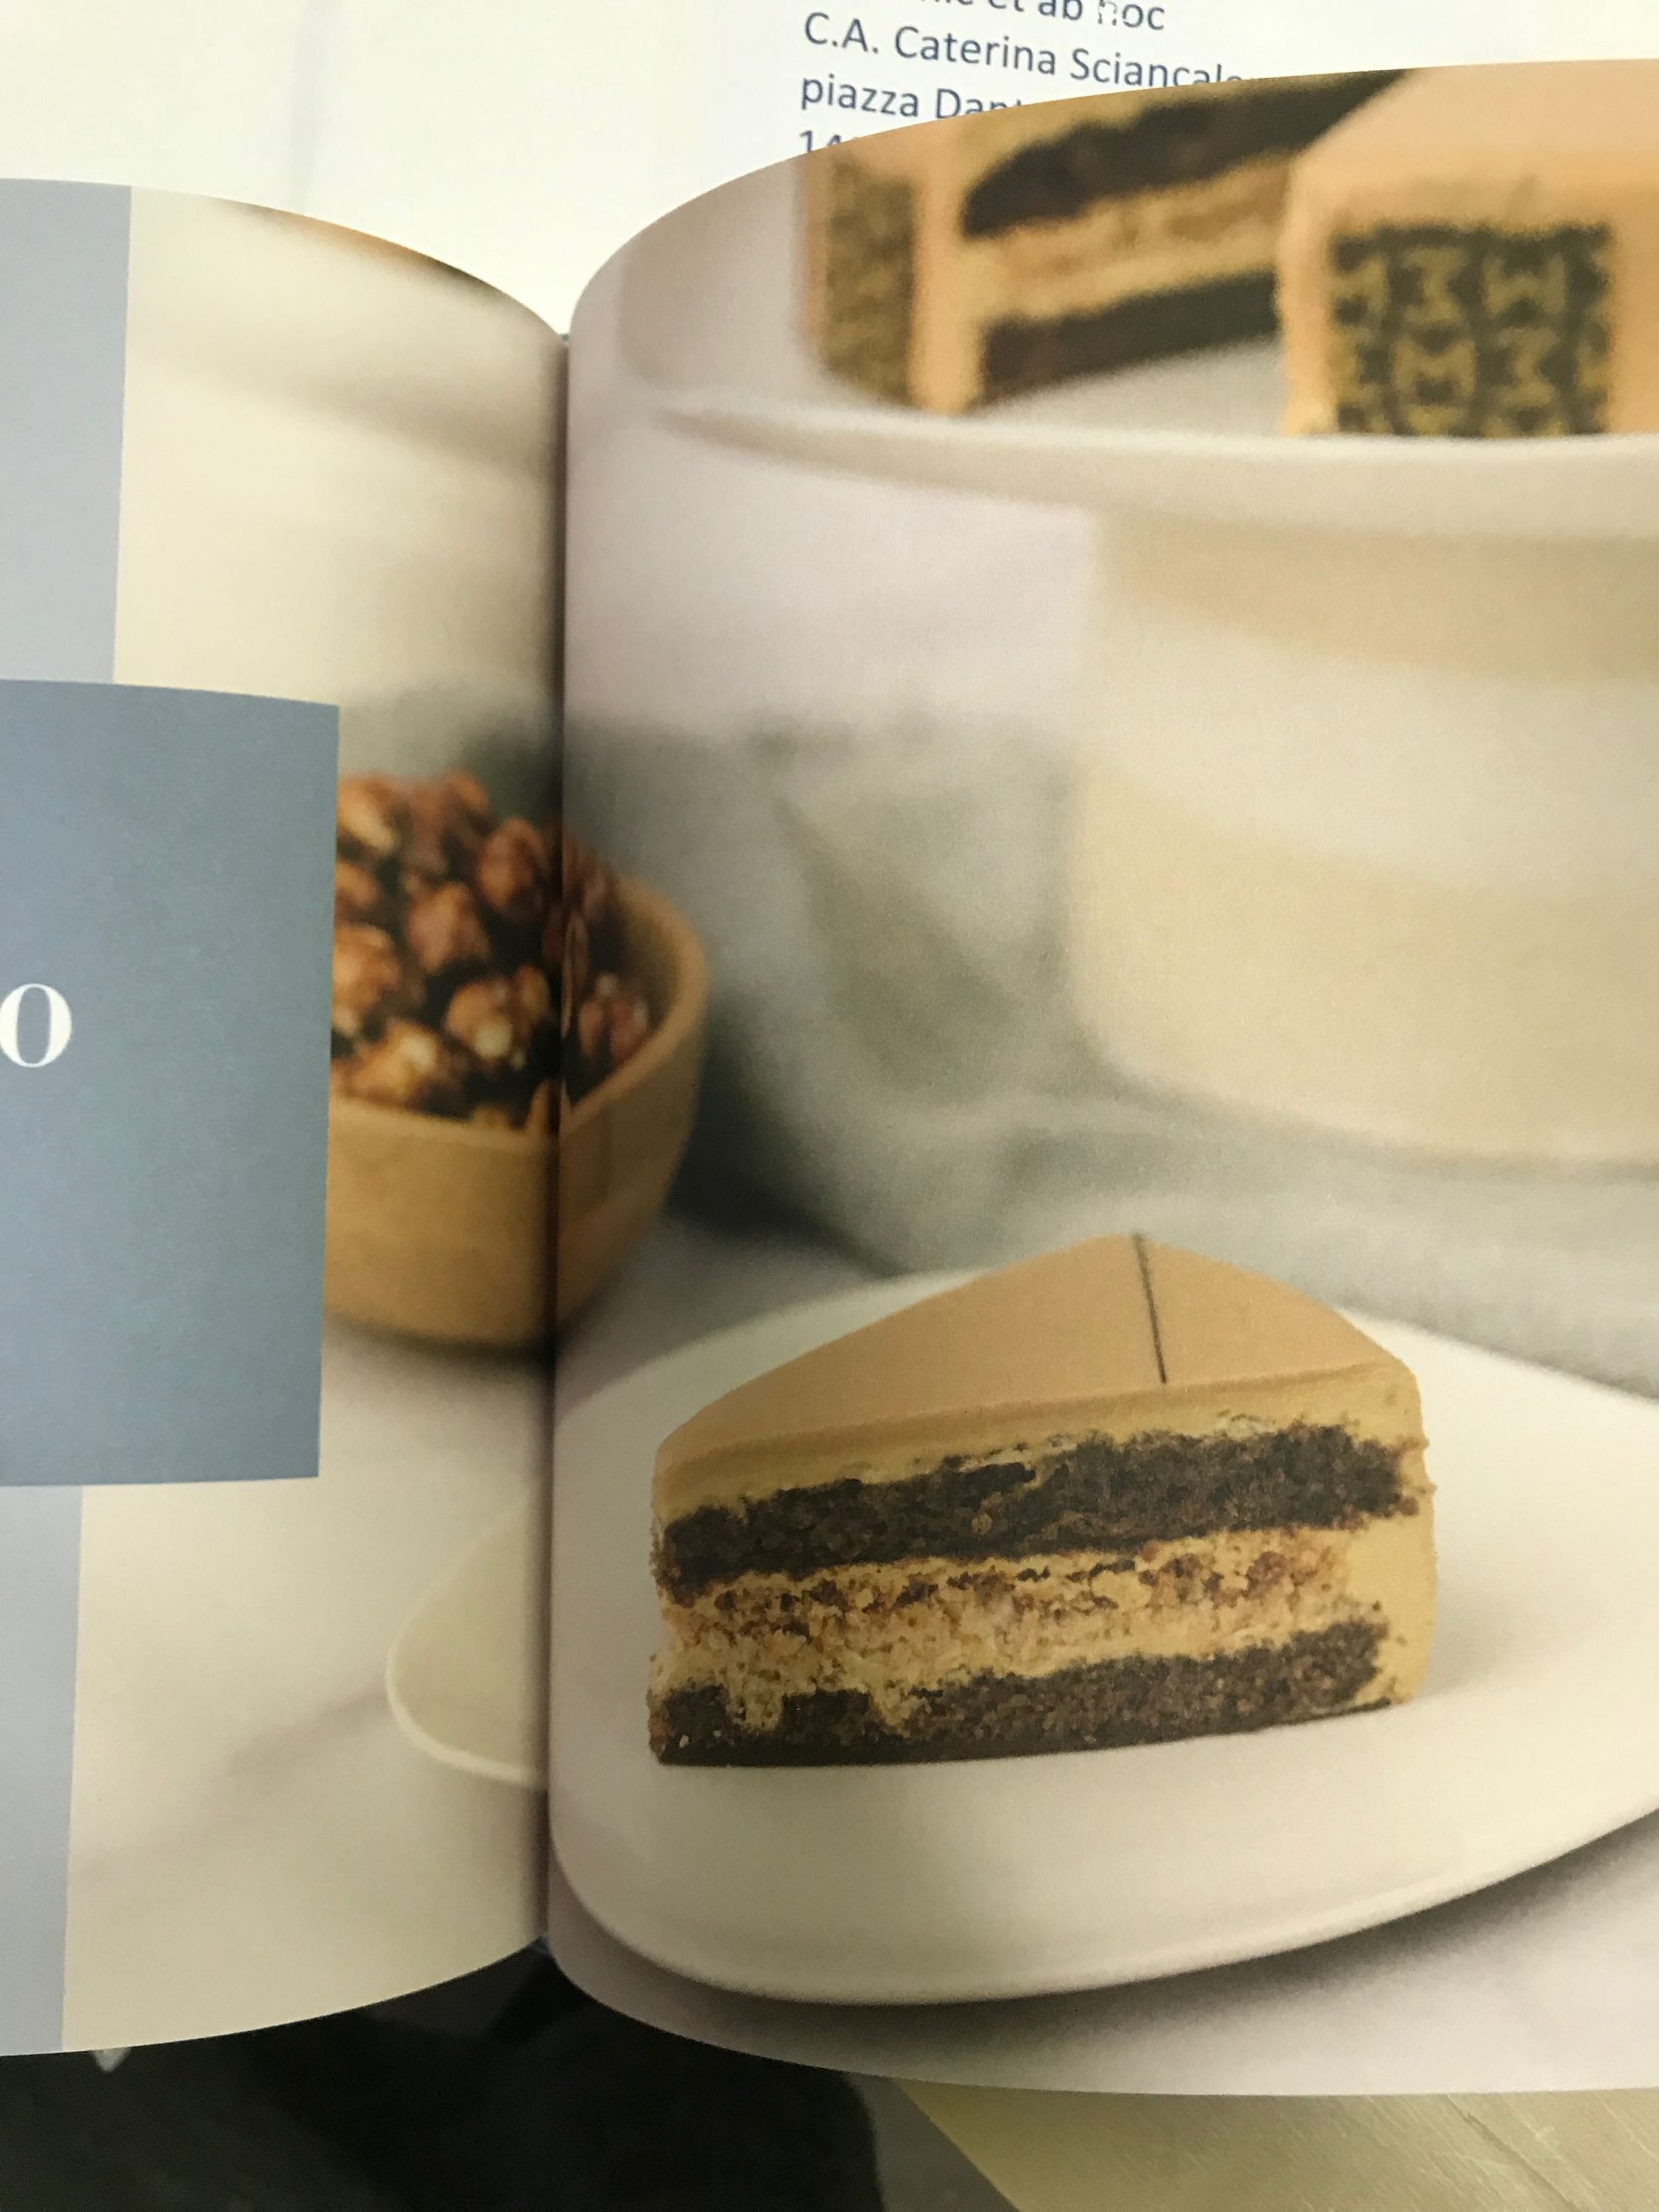 le creazioni di Iginio Massari e le ceramiche di Nericata